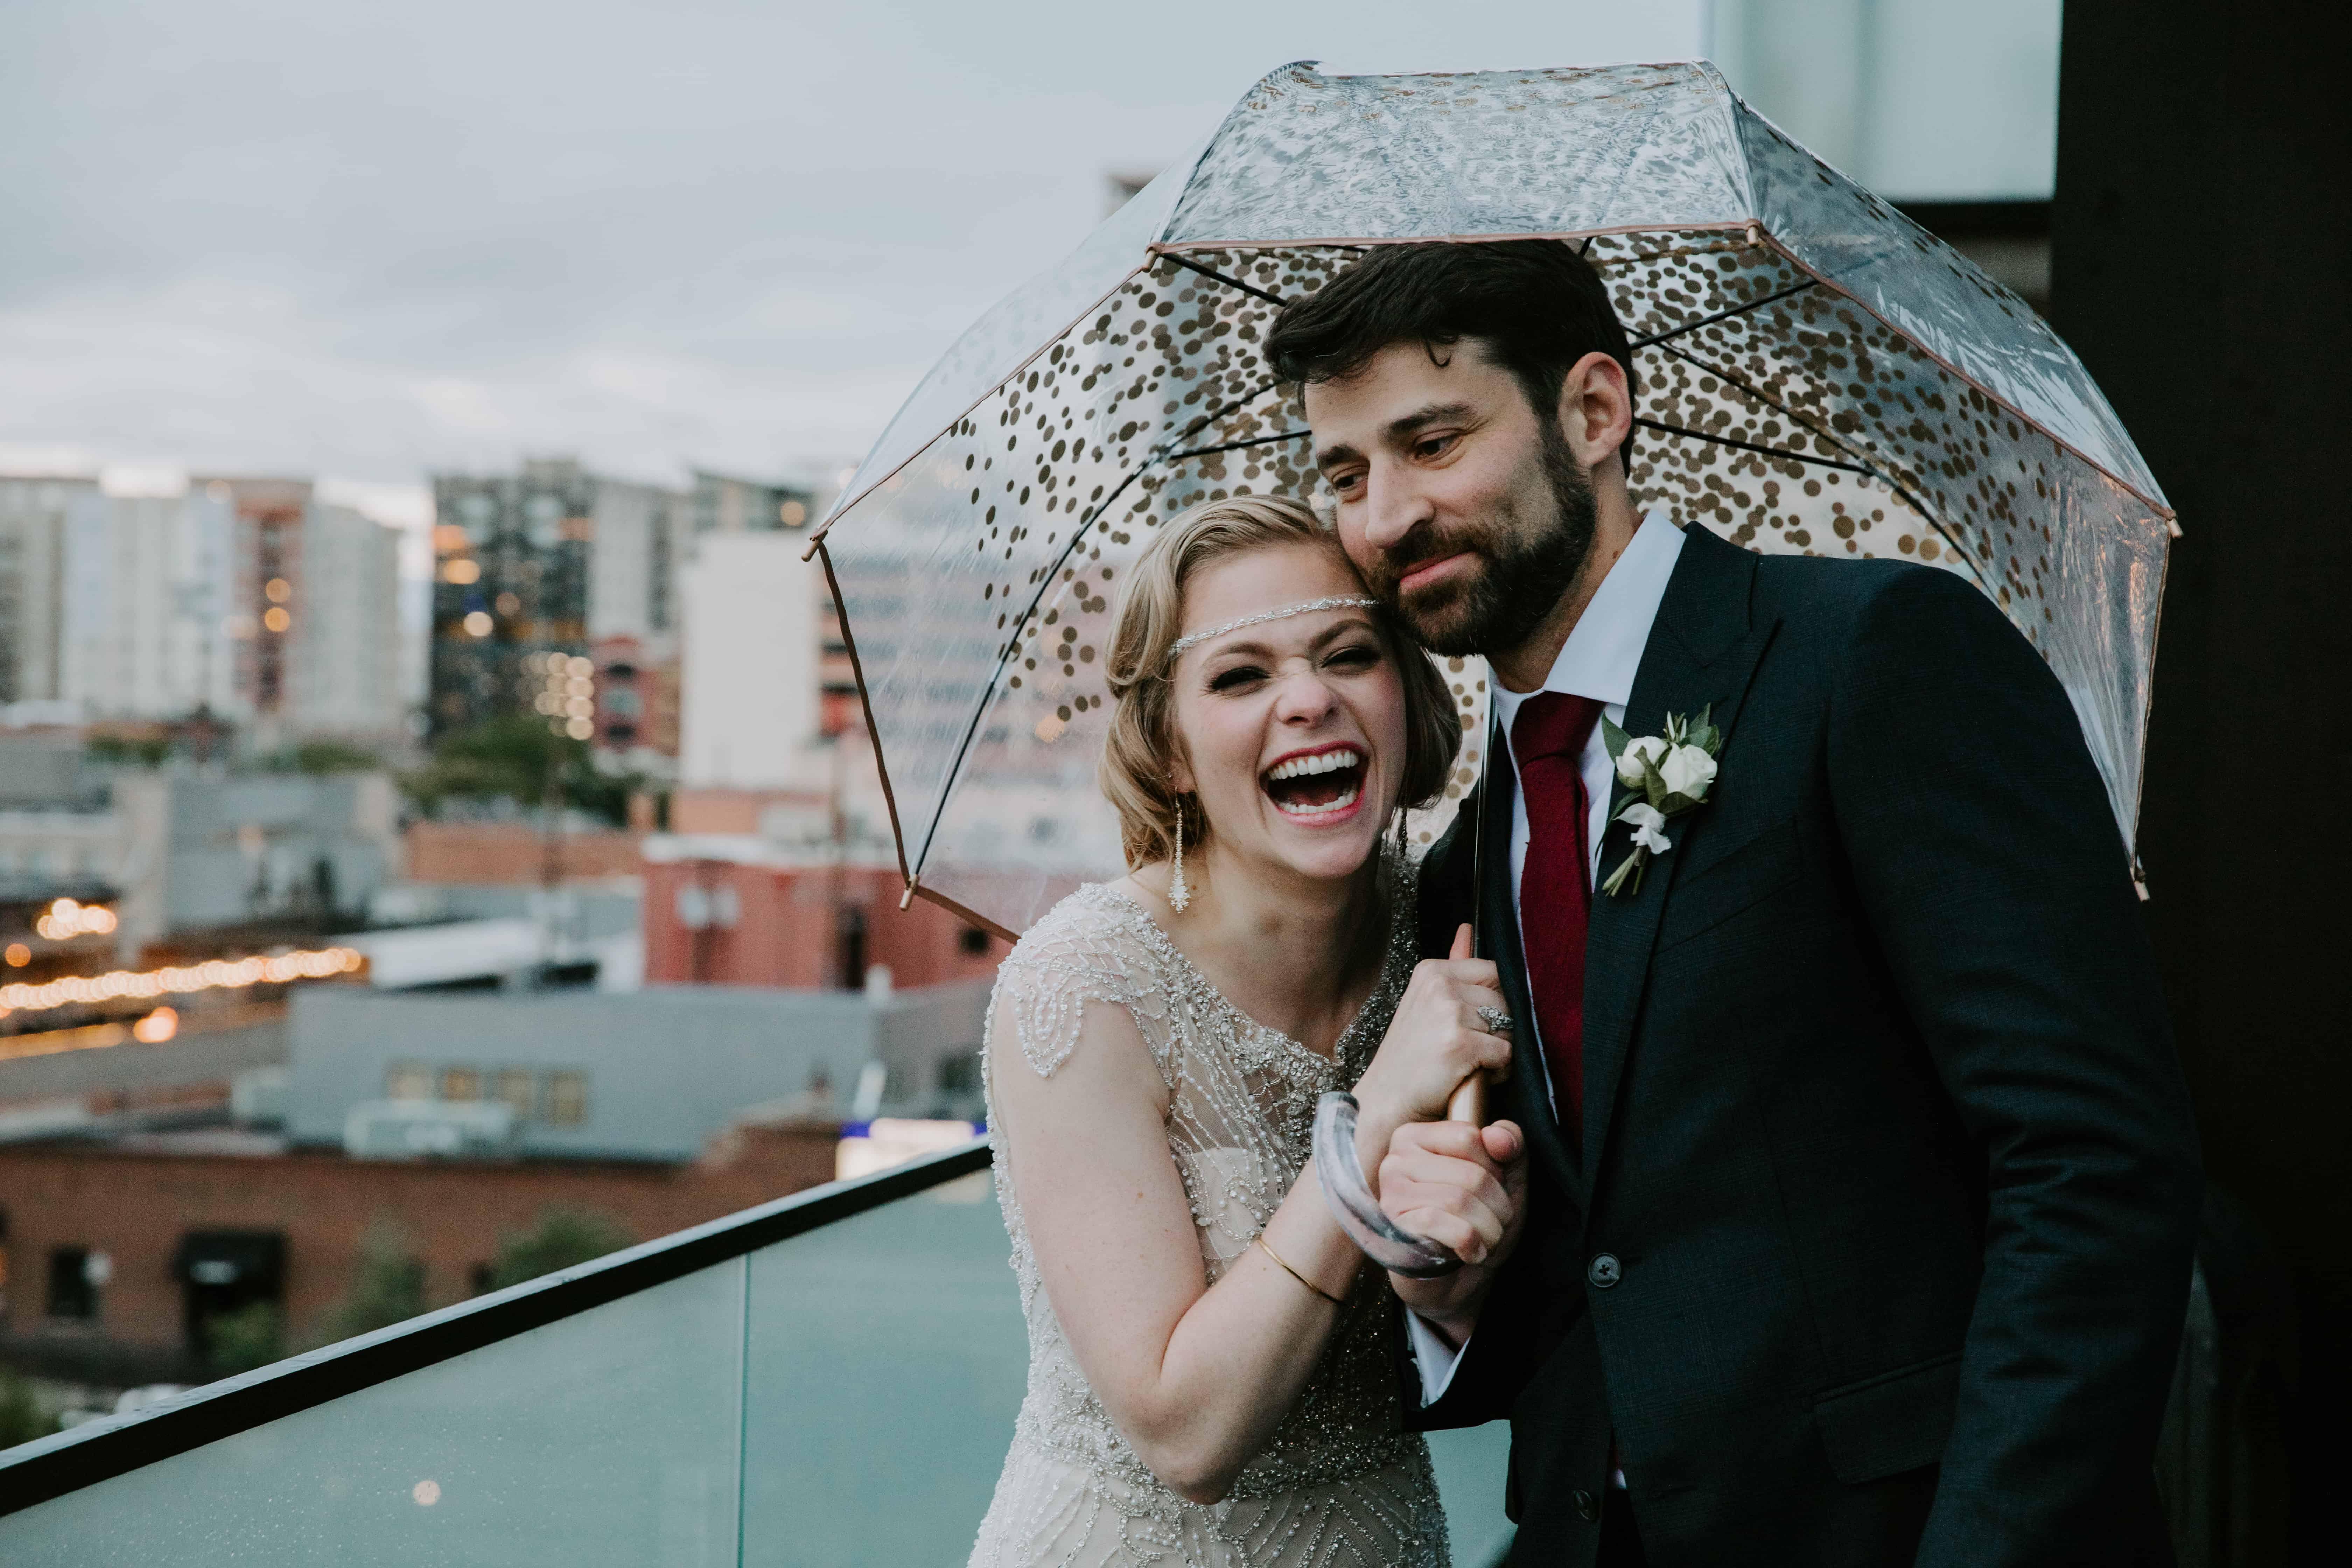 Happy bride and groom in urban Denver outdoor wedding venue in the rain